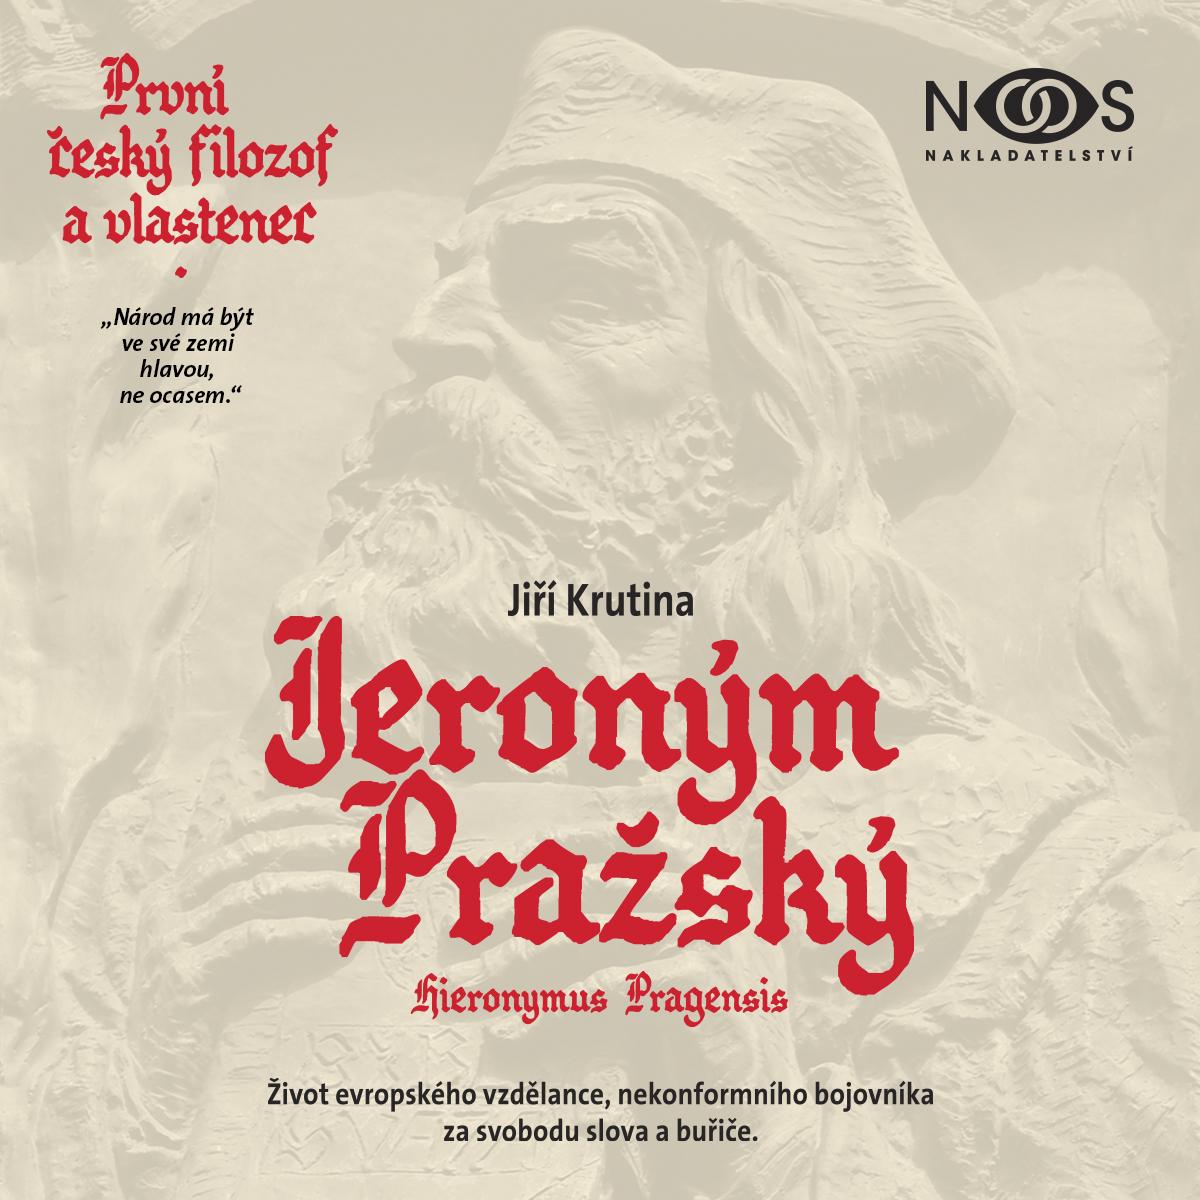 První český filozof a vlastenec Jeroným Pražský – audiokniha